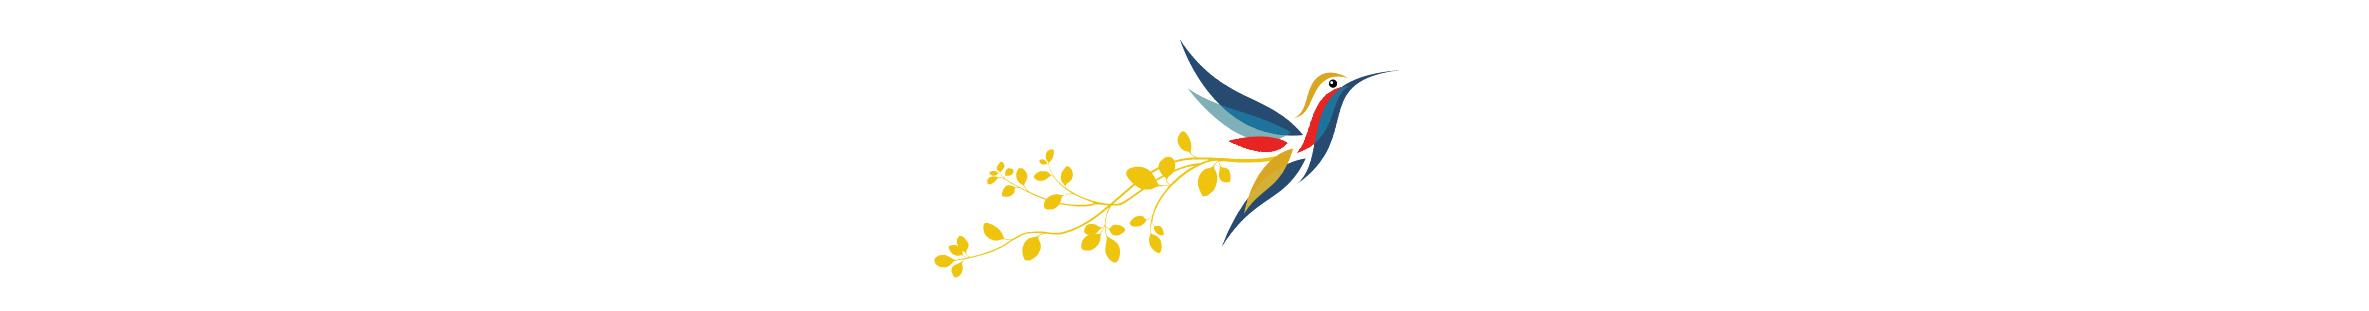 redeemer's friend header bird.jpg